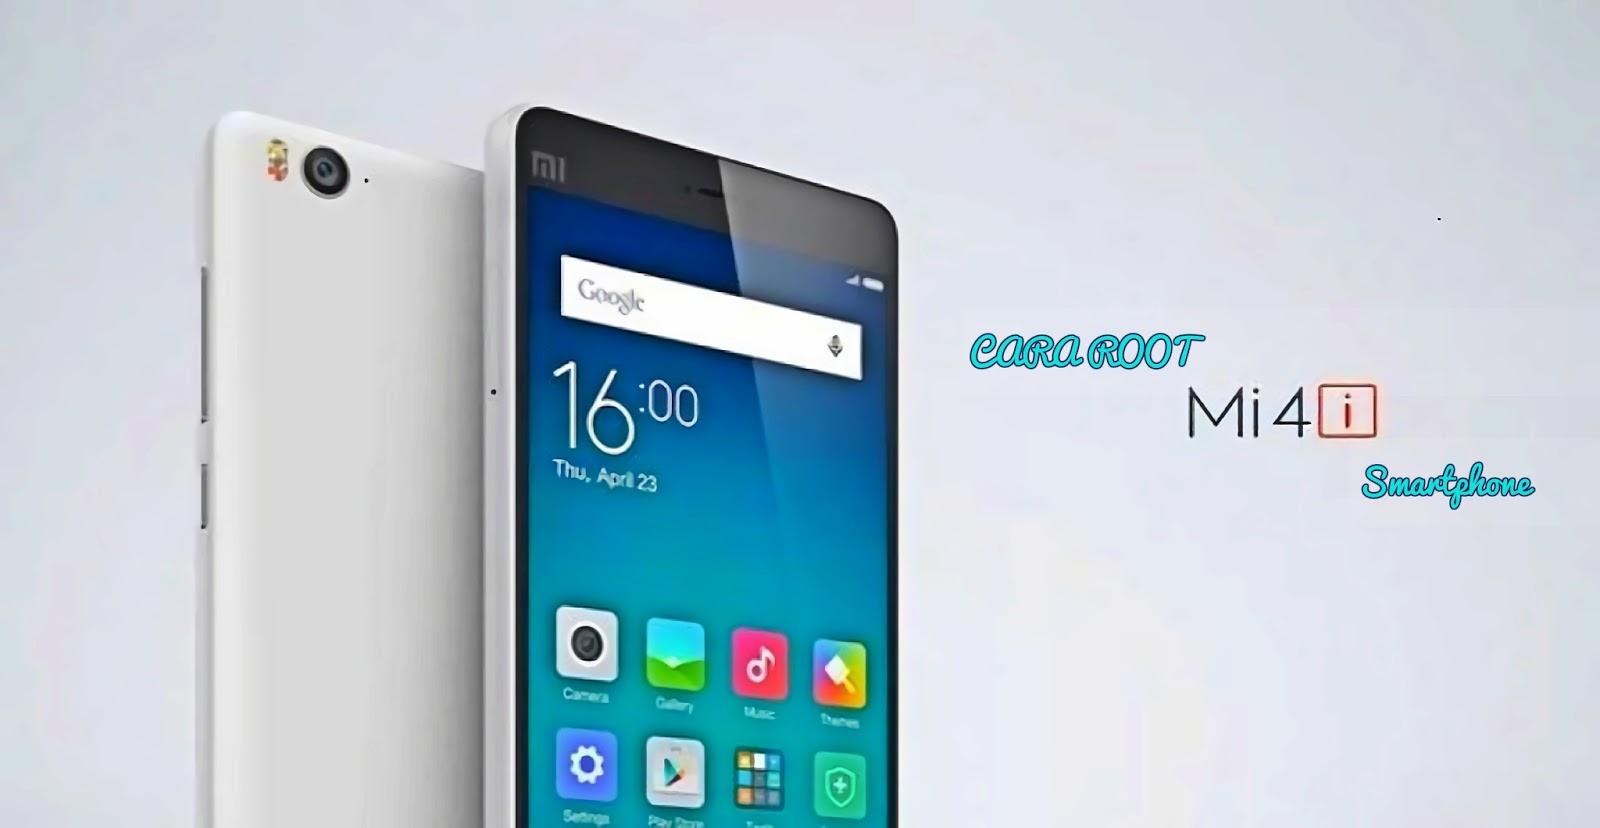 Cara root Xiaomi Mi 4i